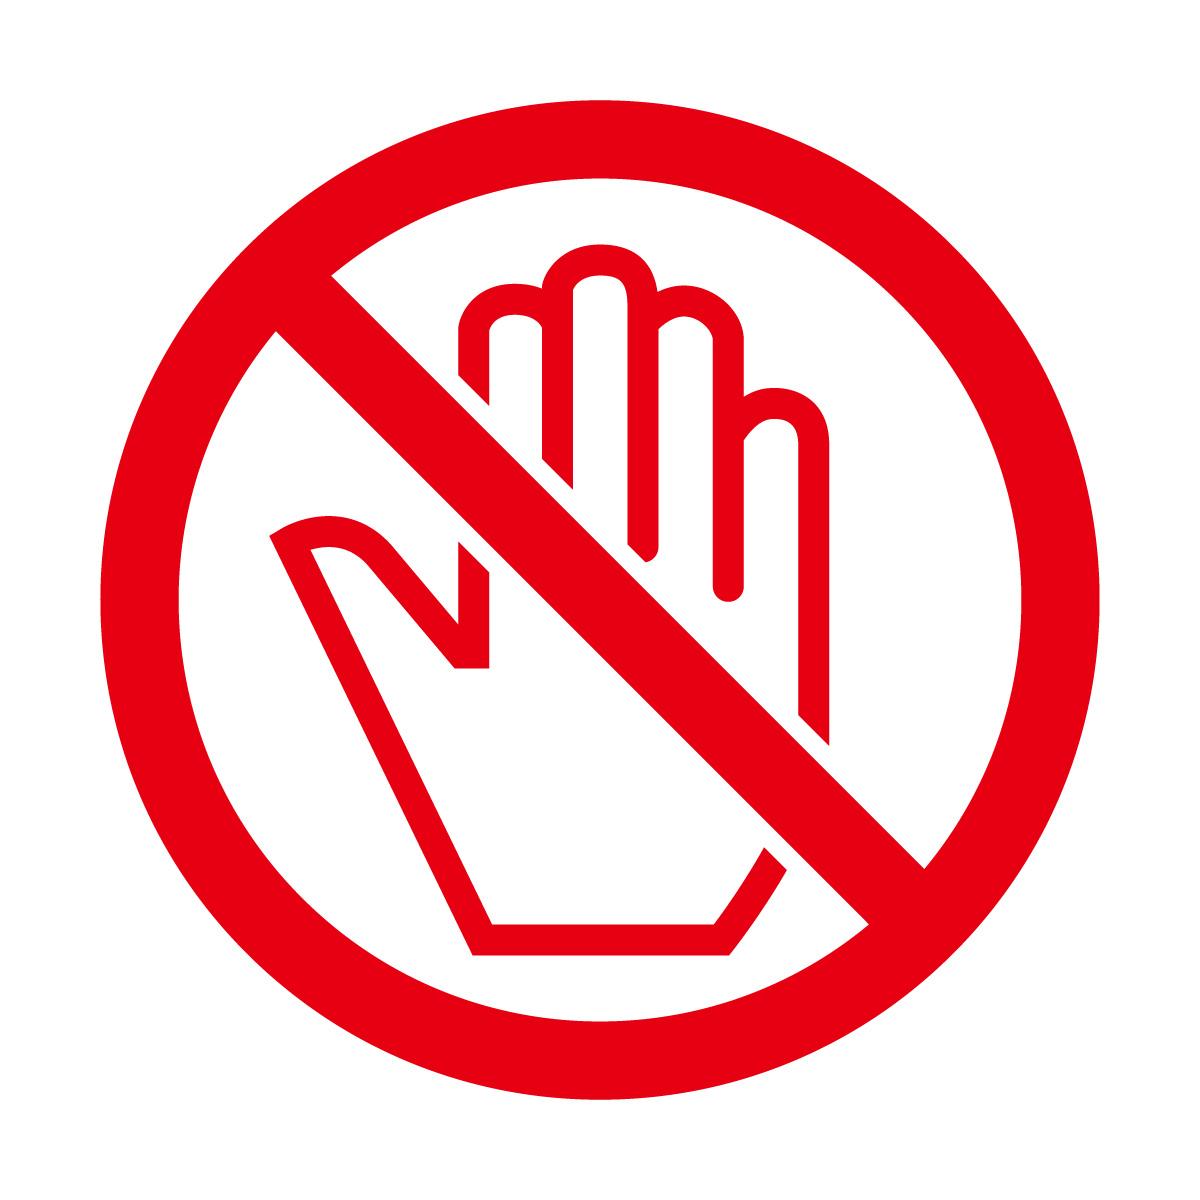 赤色の触るな禁止マークのカッティングステッカーシール